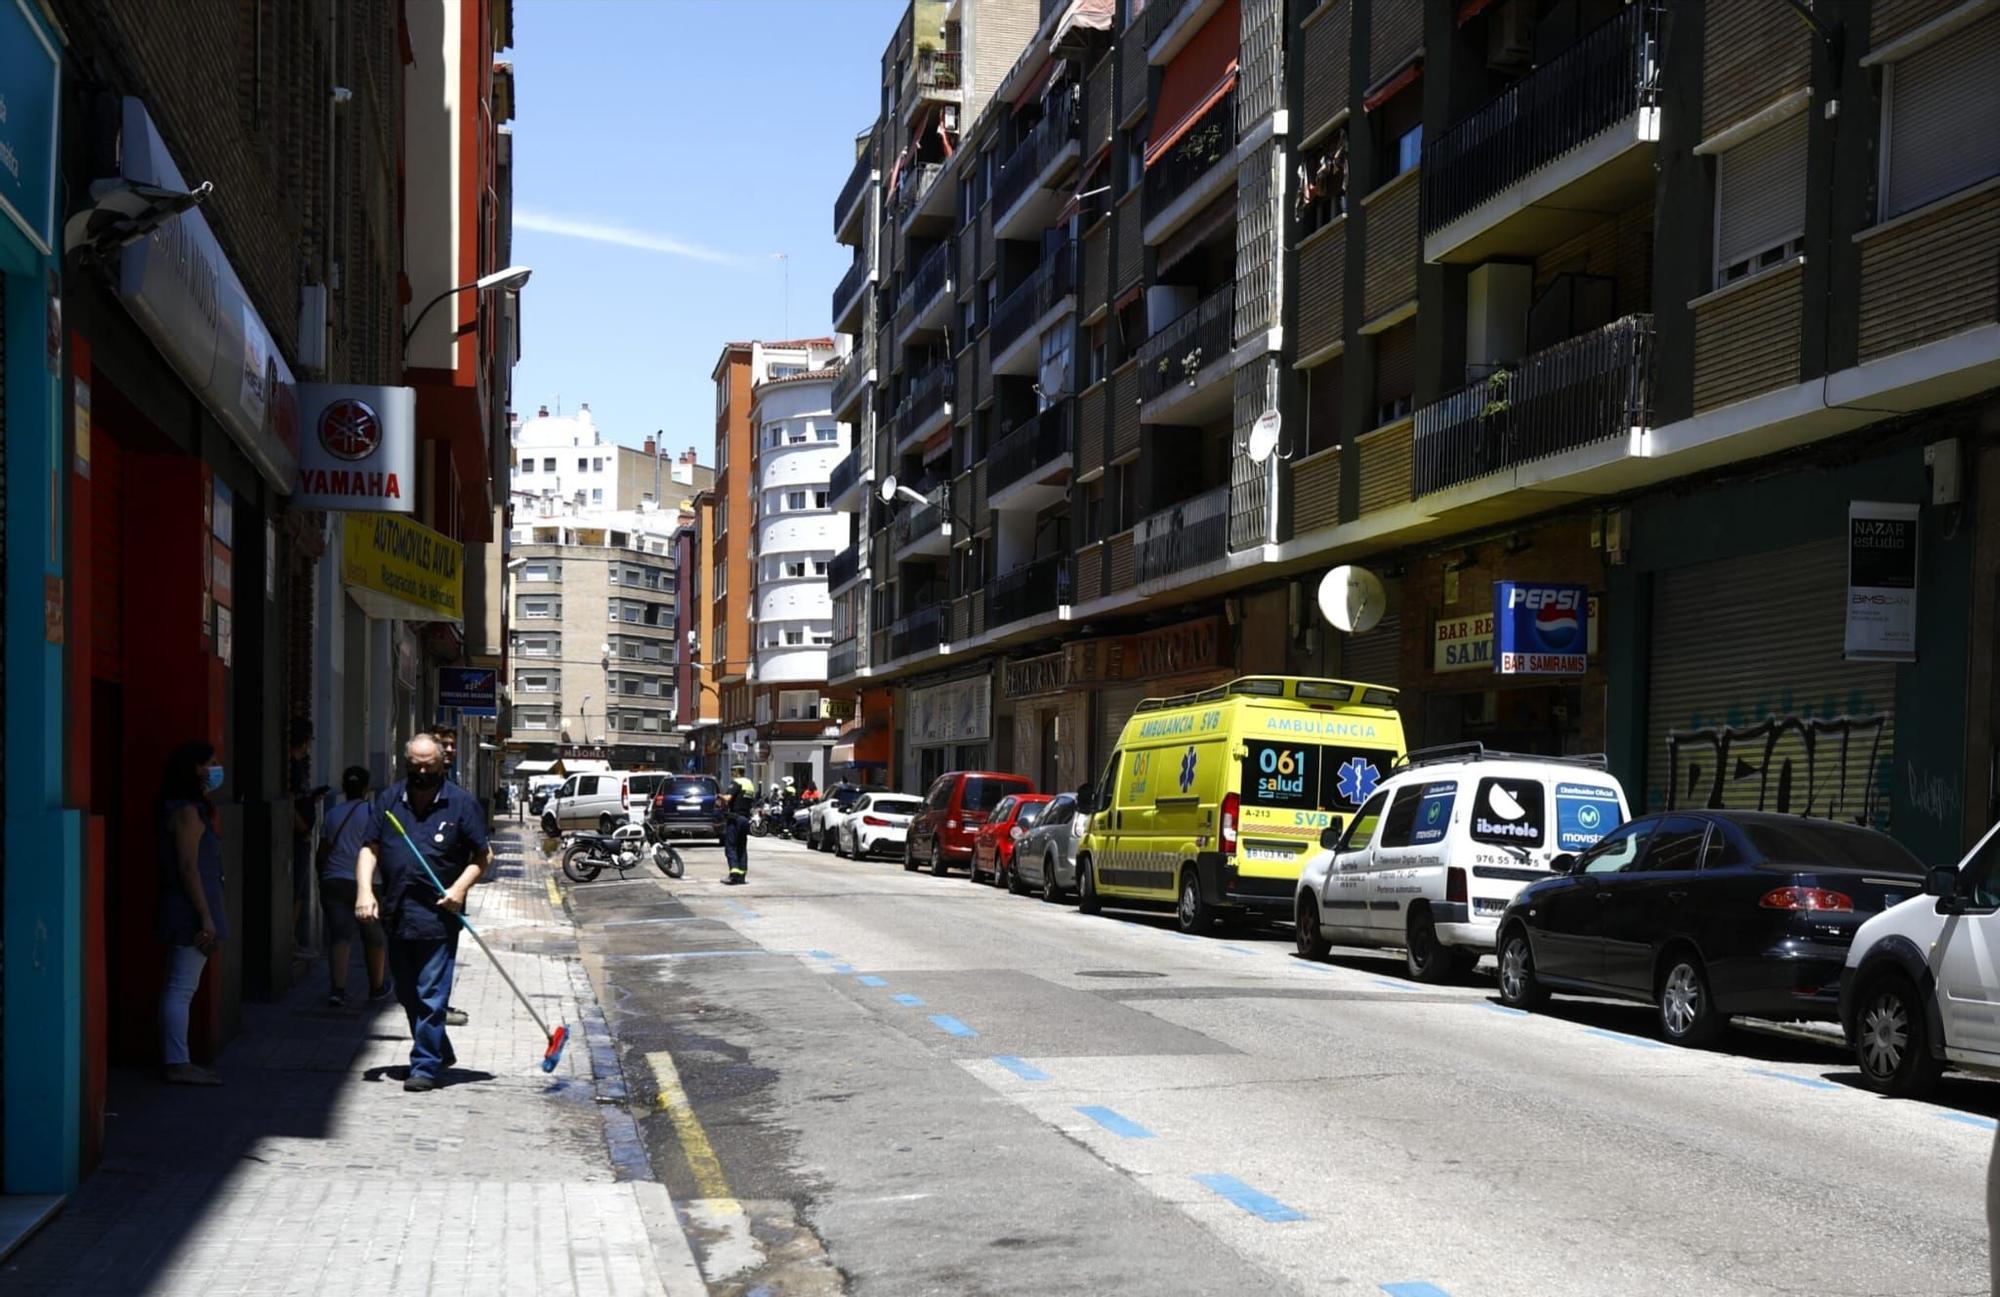 Restablecido el tráfico en la calle Ávila tras un reventón de una tubería esta mañana